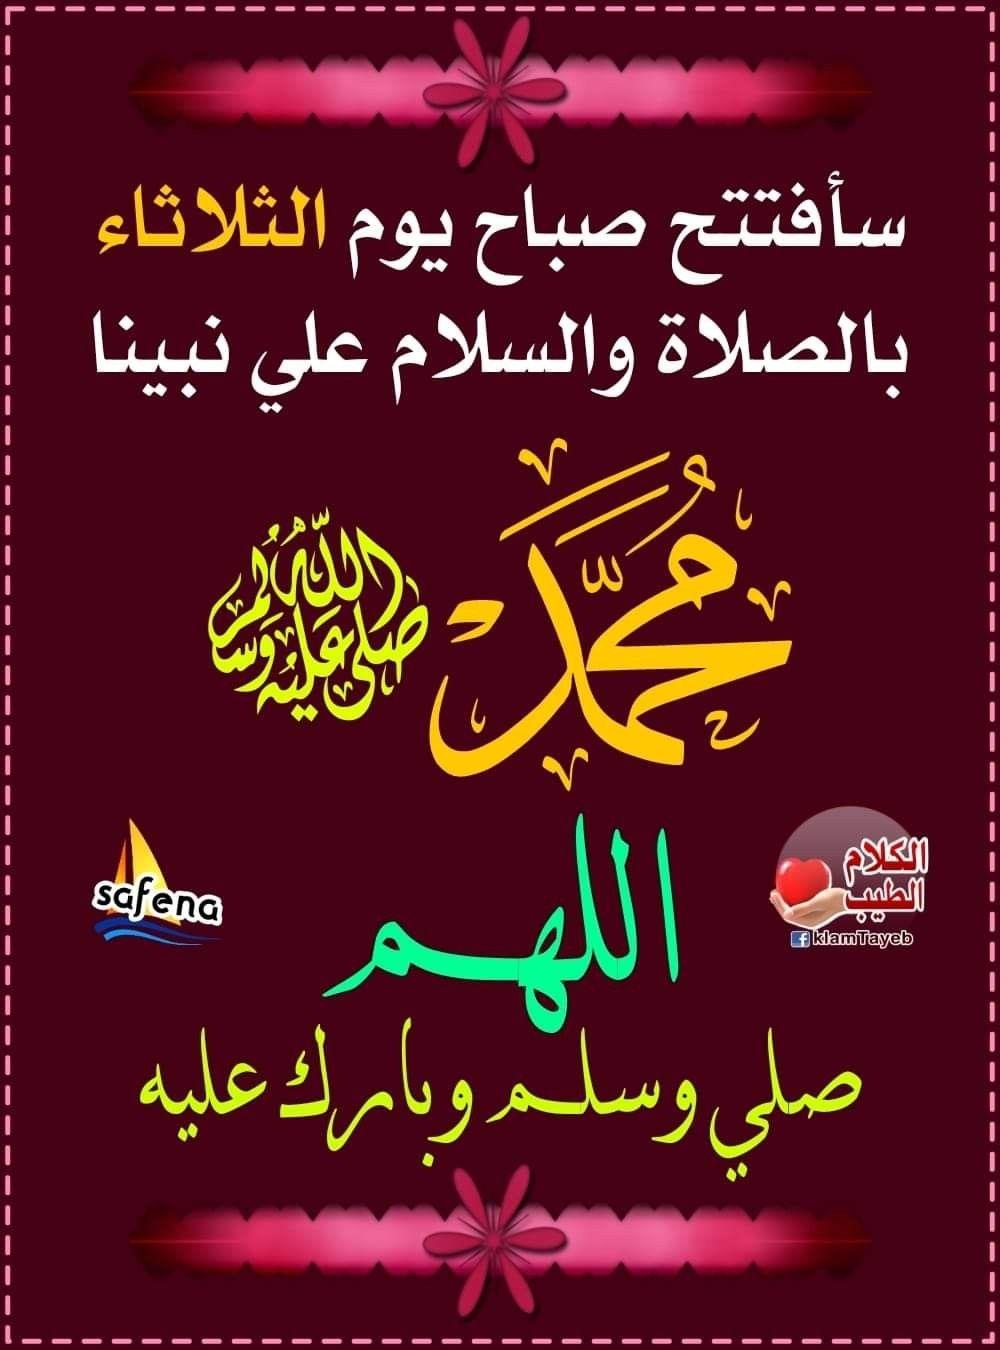 اللهم صلي وسلم على نبينا محمد Neon Signs Neon Stl